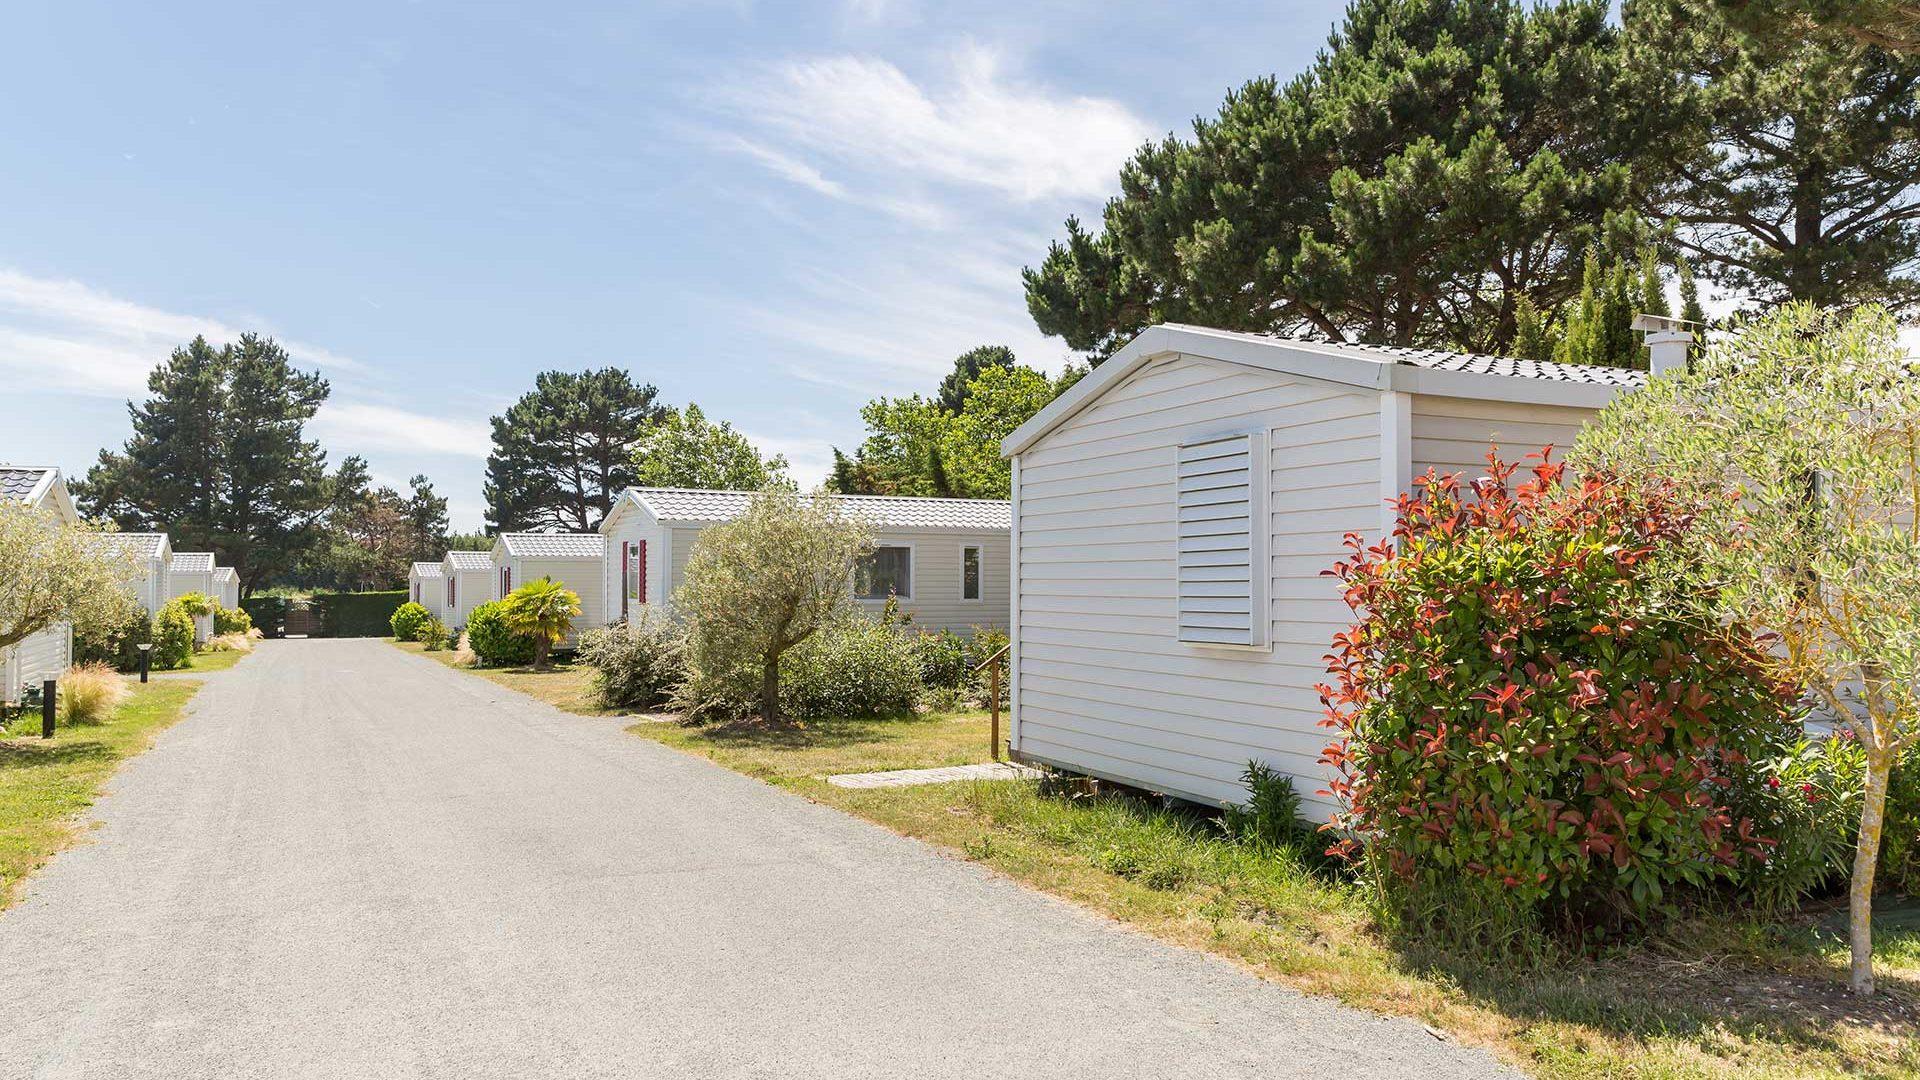 les hébergements du camping en Vendée